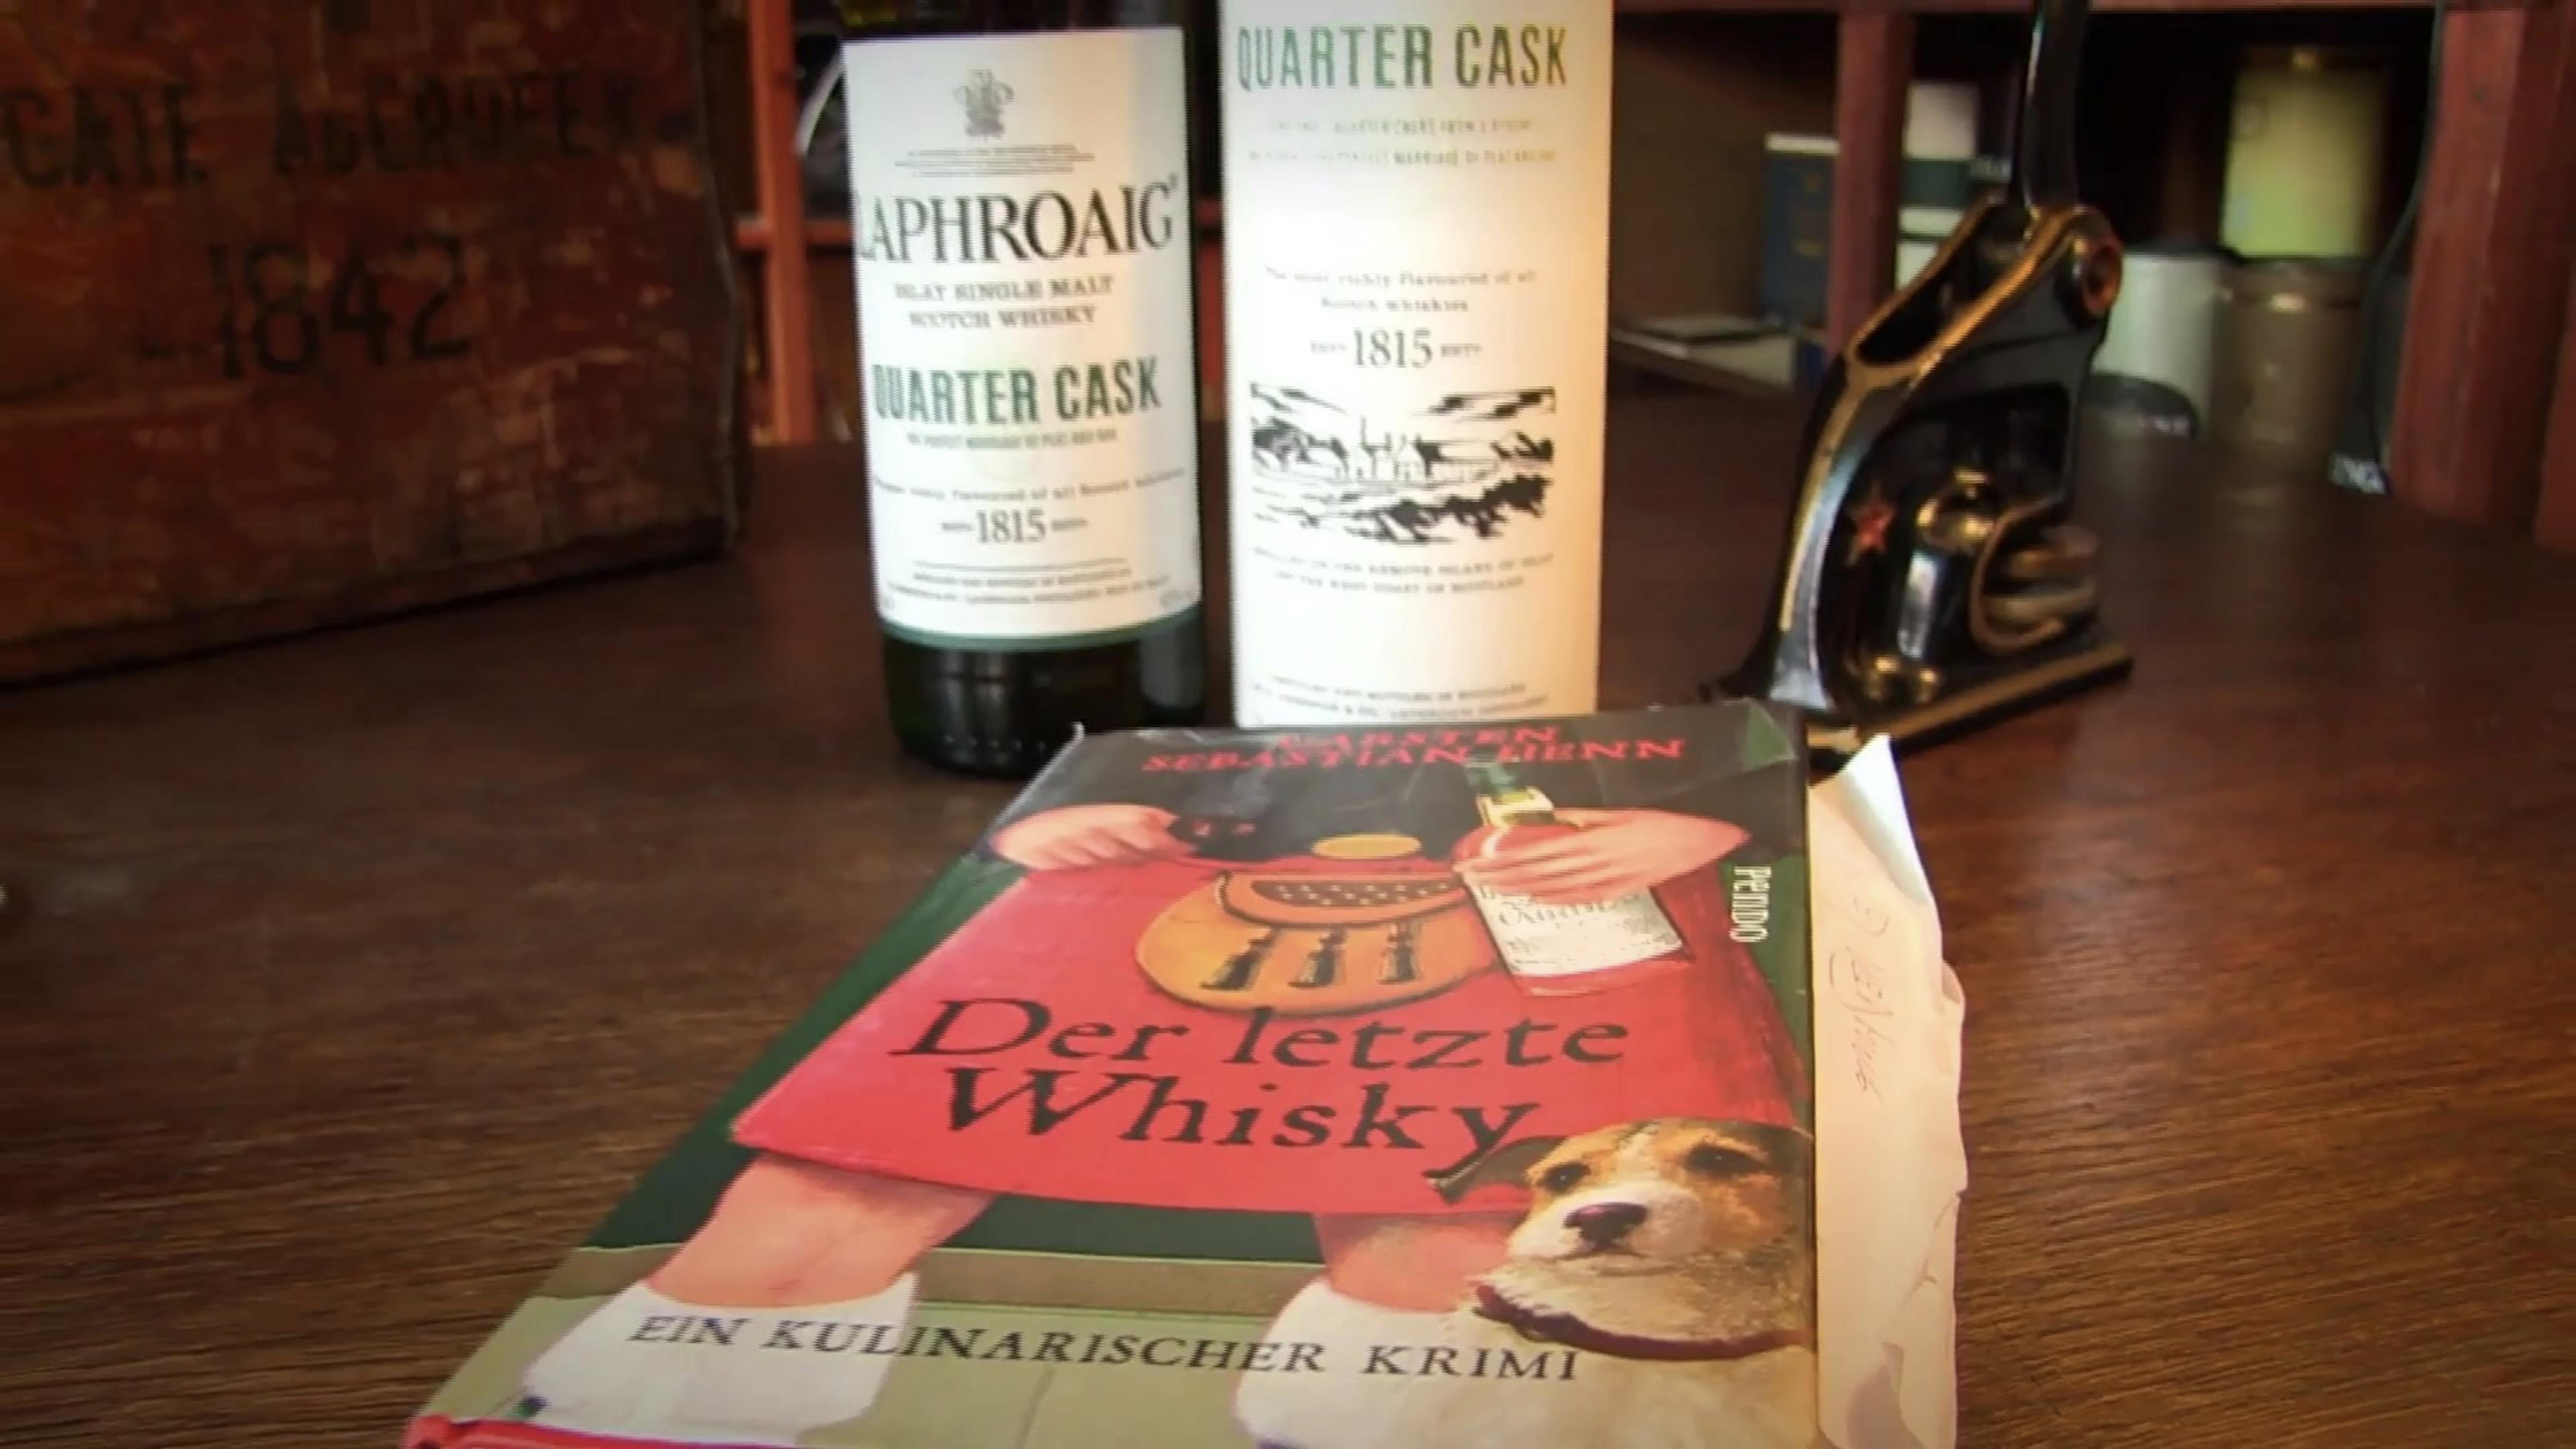 Carsten Sebastian Henn – Der letzte Whisky